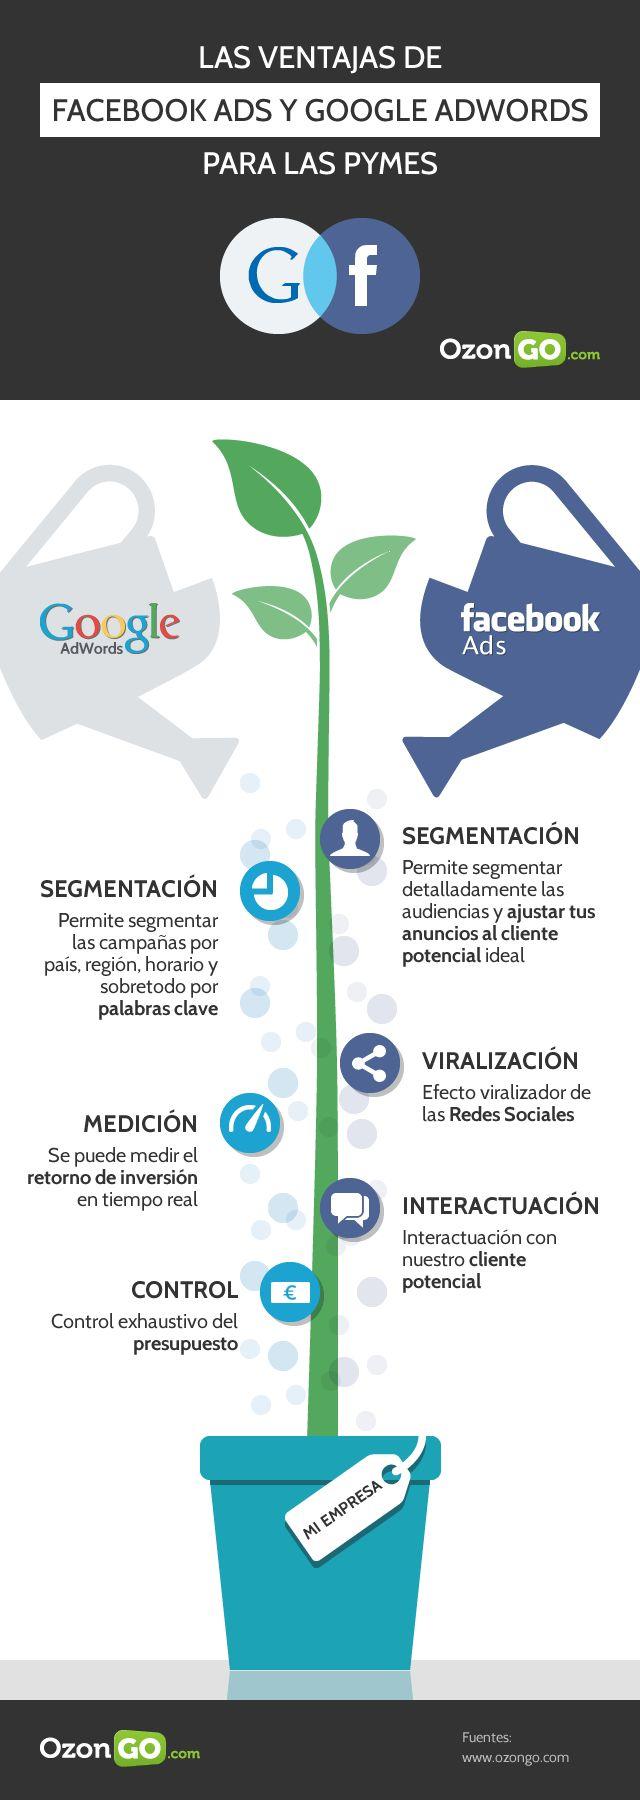 Ventajas de Google Adwords vs Facebook Ads para pymes #infografia #infographic #marketing